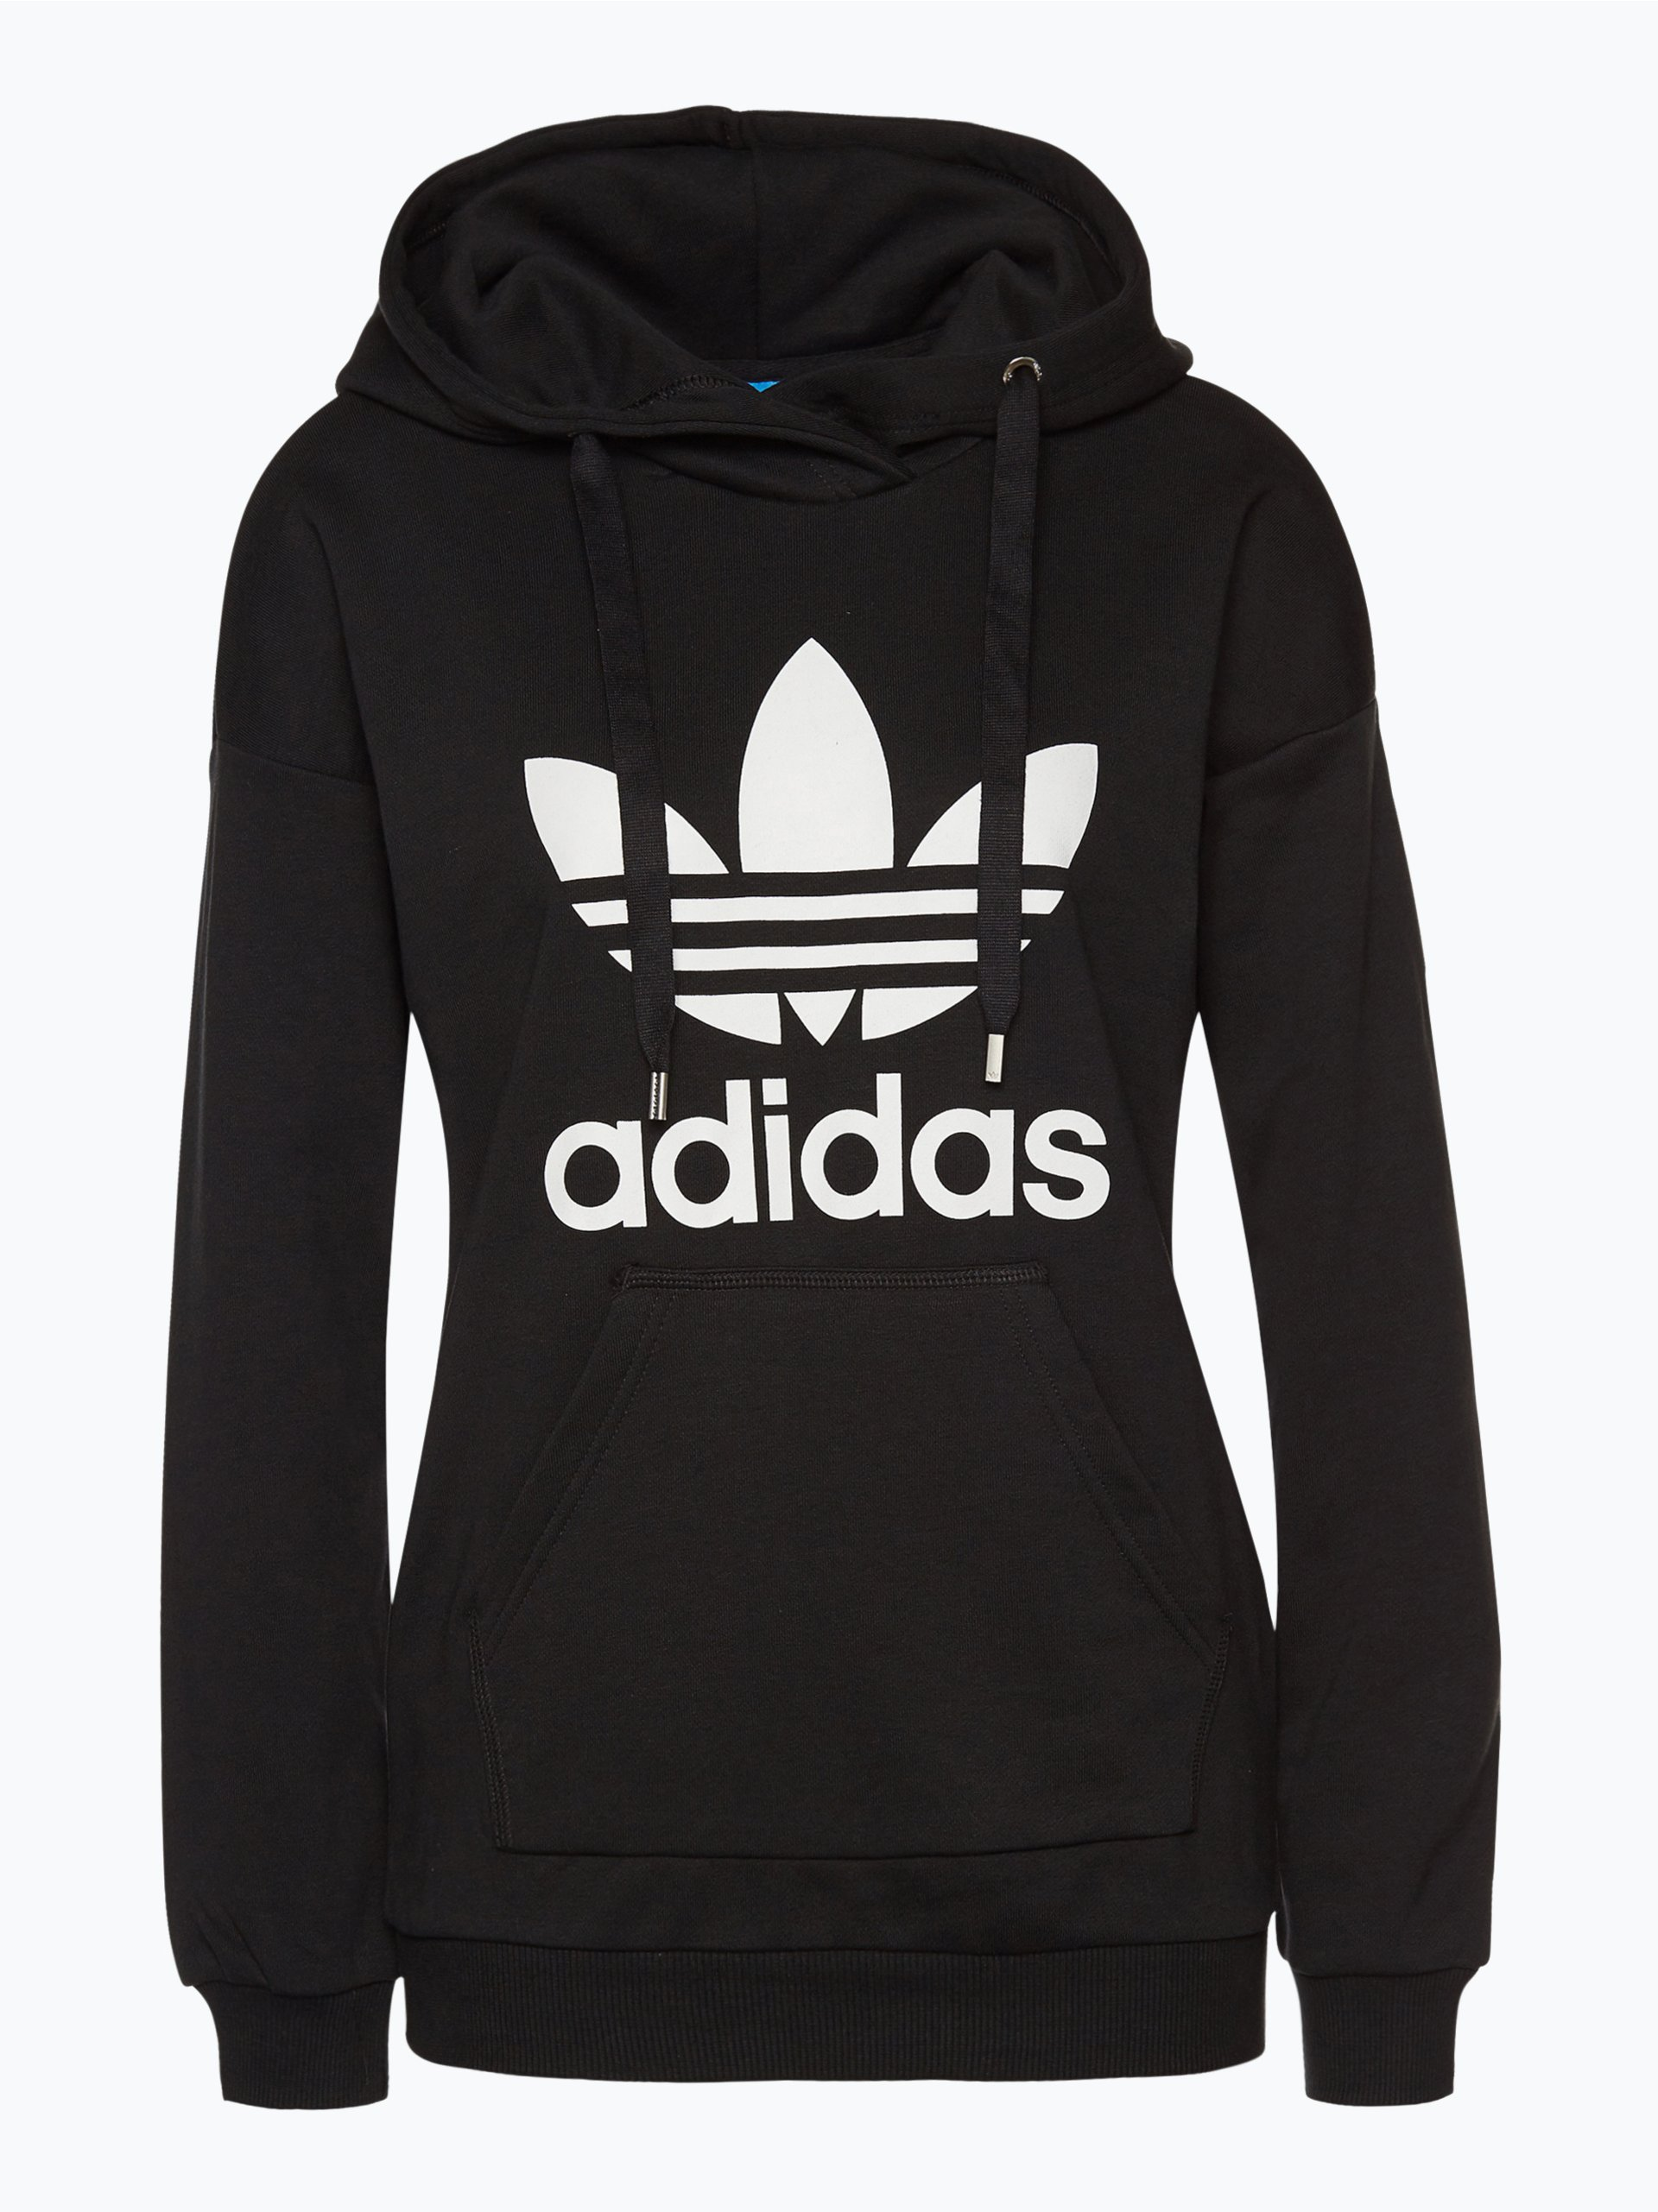 adidas originals damen sweatshirt schwarz uni online kaufen peek und cloppenburg de. Black Bedroom Furniture Sets. Home Design Ideas